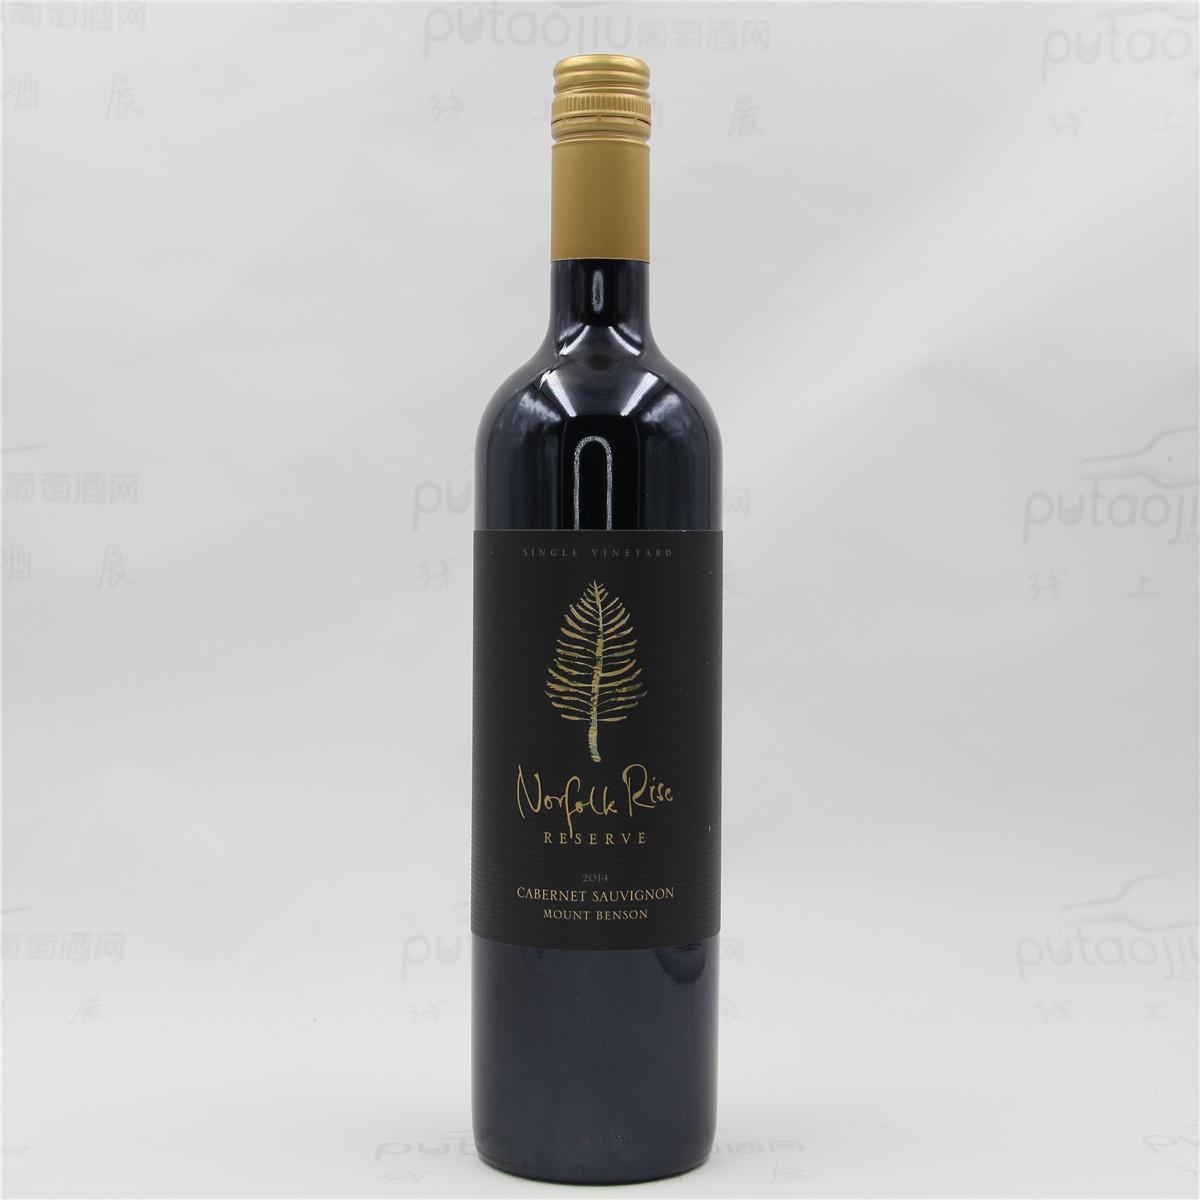 诺富酒庄珍藏赤霞珠葡萄酒 2014